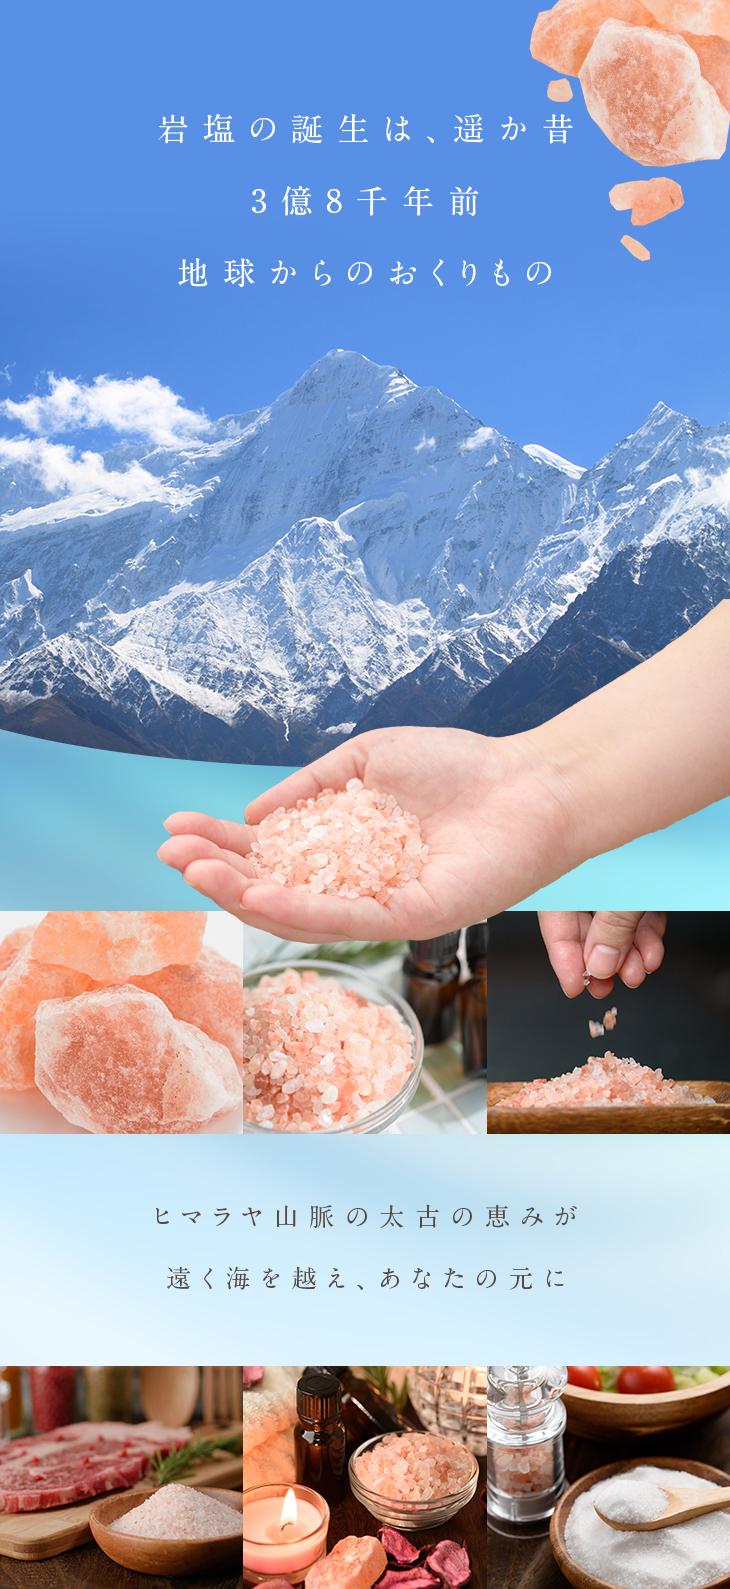 岩塩の誕生は、遥か昔3億8千年前 地球からのおくりもの